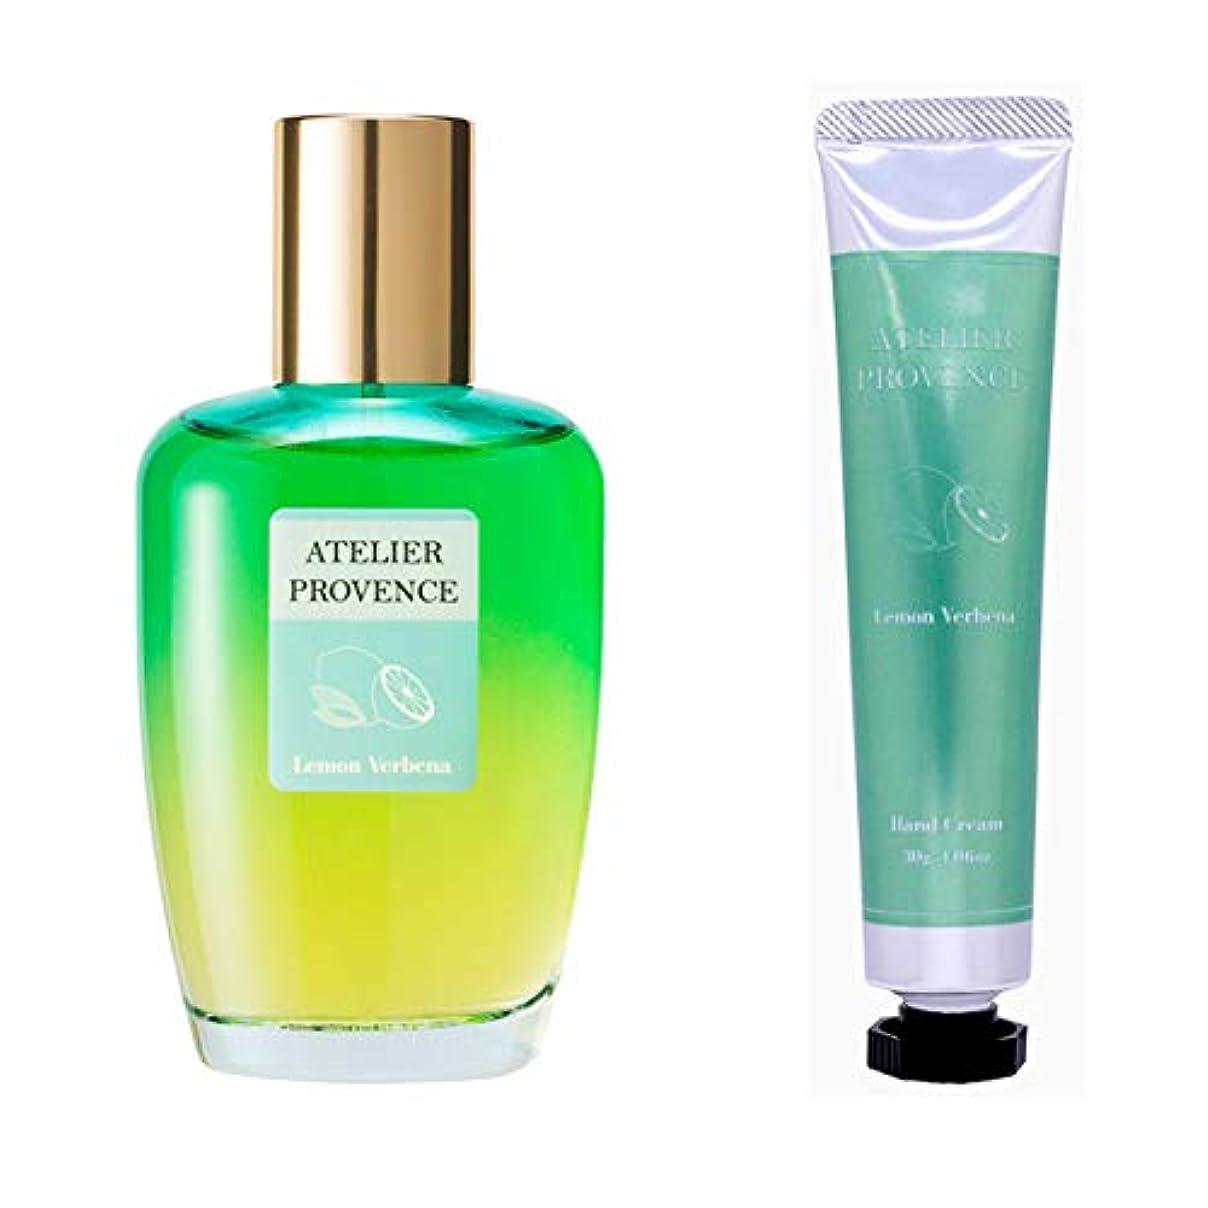 ところで反映するスプリットアトリエ プロヴァンス ATELIER PROVENCE レモンヴァーベナの香り コフレセット(EDT90ml+ハンドクリーム30g)